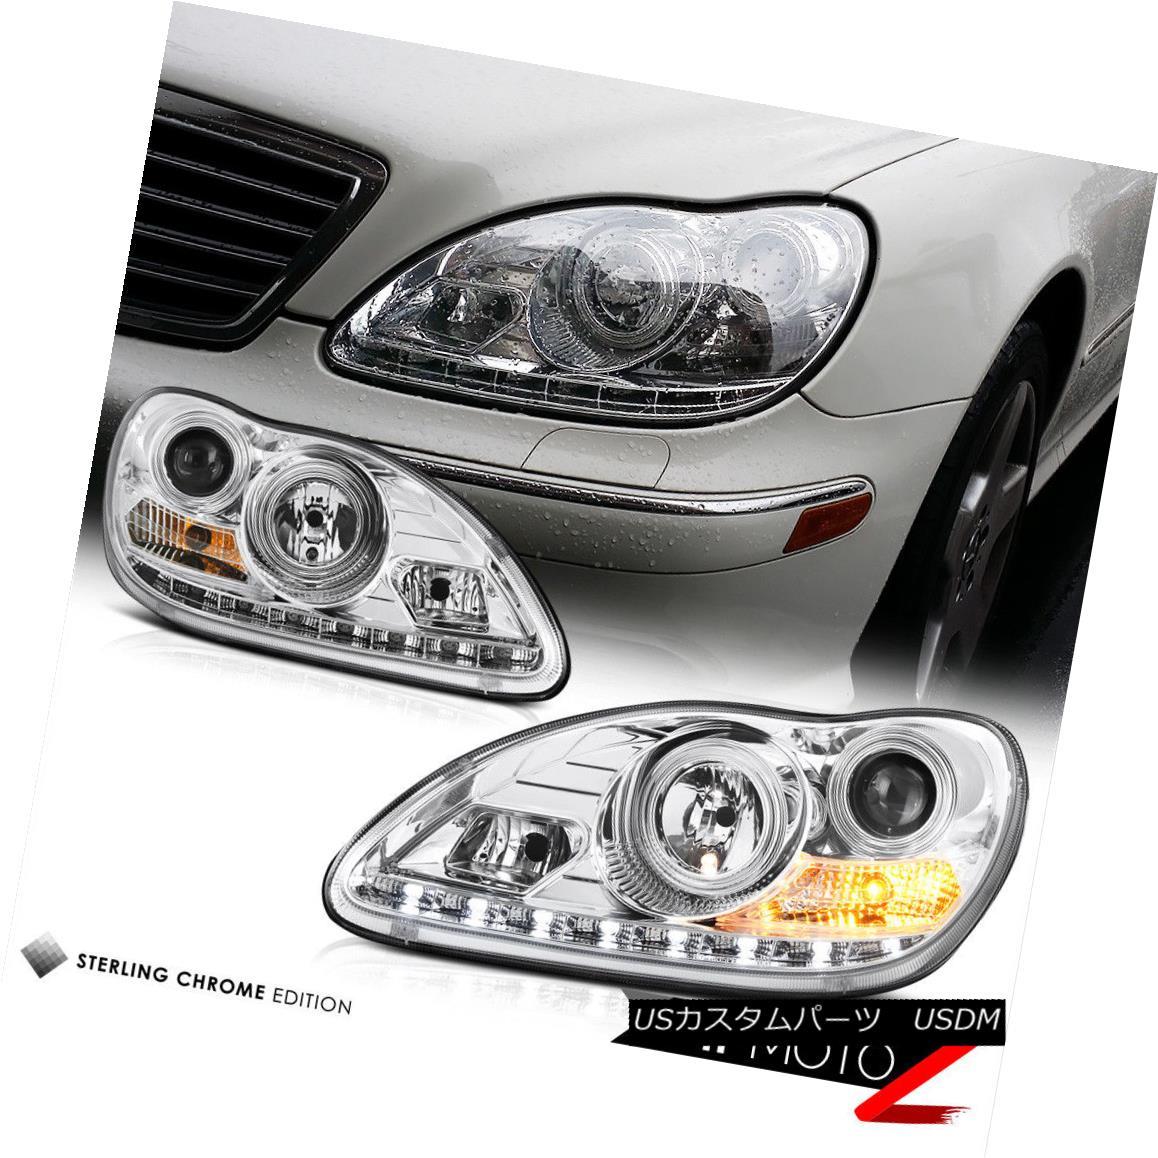 ヘッドライト 2000-06 W220 S-CLASS S500 S430 Euro Chrome Projector LED Headlight H7 Lamp LH+RH 2000-06 W220 S-CLASS S500 S430ユーロクロームプロジェクターLEDヘッドライトH7ランプLH + RH